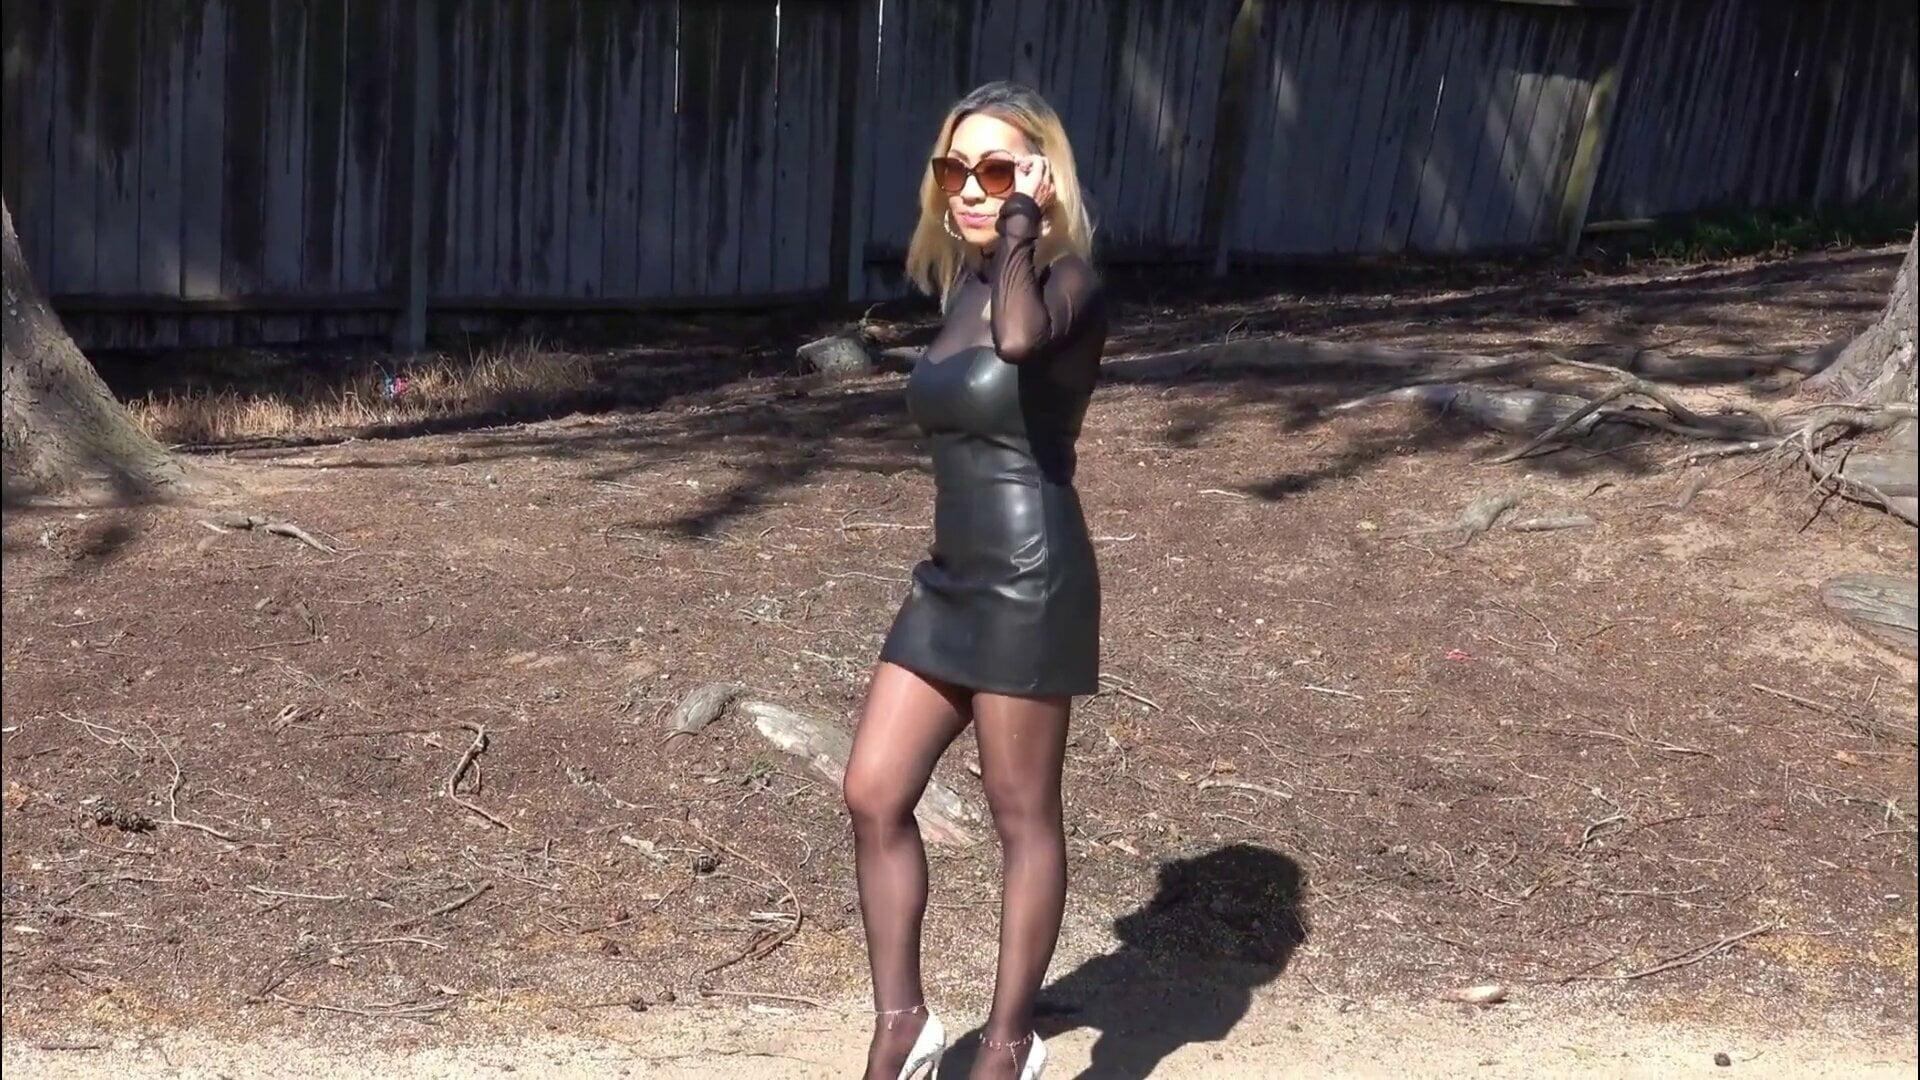 Dina in heels